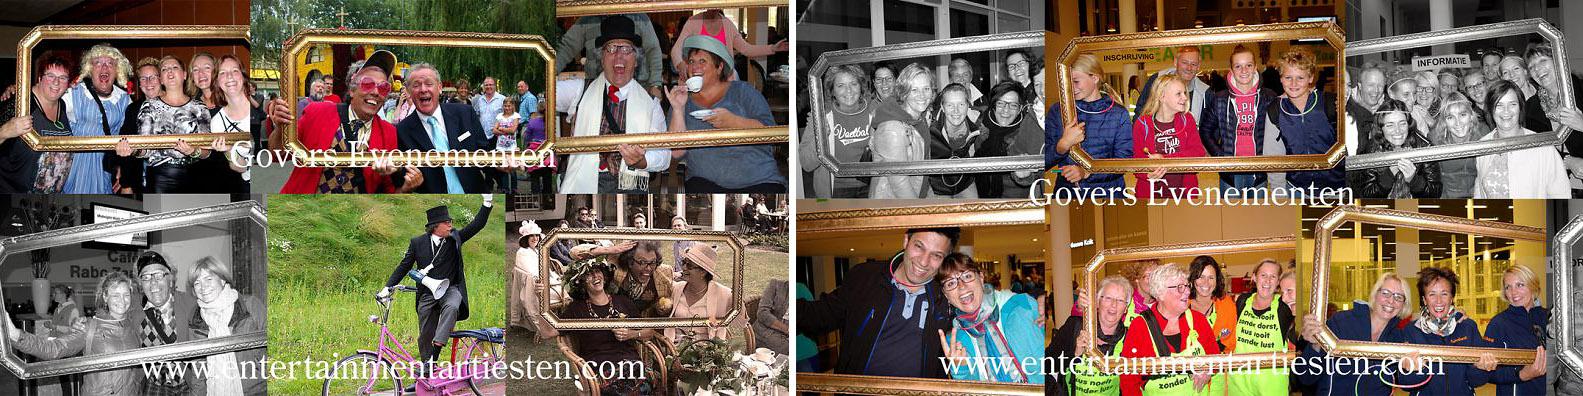 Freek Flits is een erg druk baasje. Hij heeft zich als professioneel fotograaf toegelegd op portretfotografie. Om de kosten te drukken brengt hij zijn eigen schilderijlijst mee. humor, theater, huwelijksfeest, opening, straattheater, Govers Evenementen, www.goversartiesten.nl